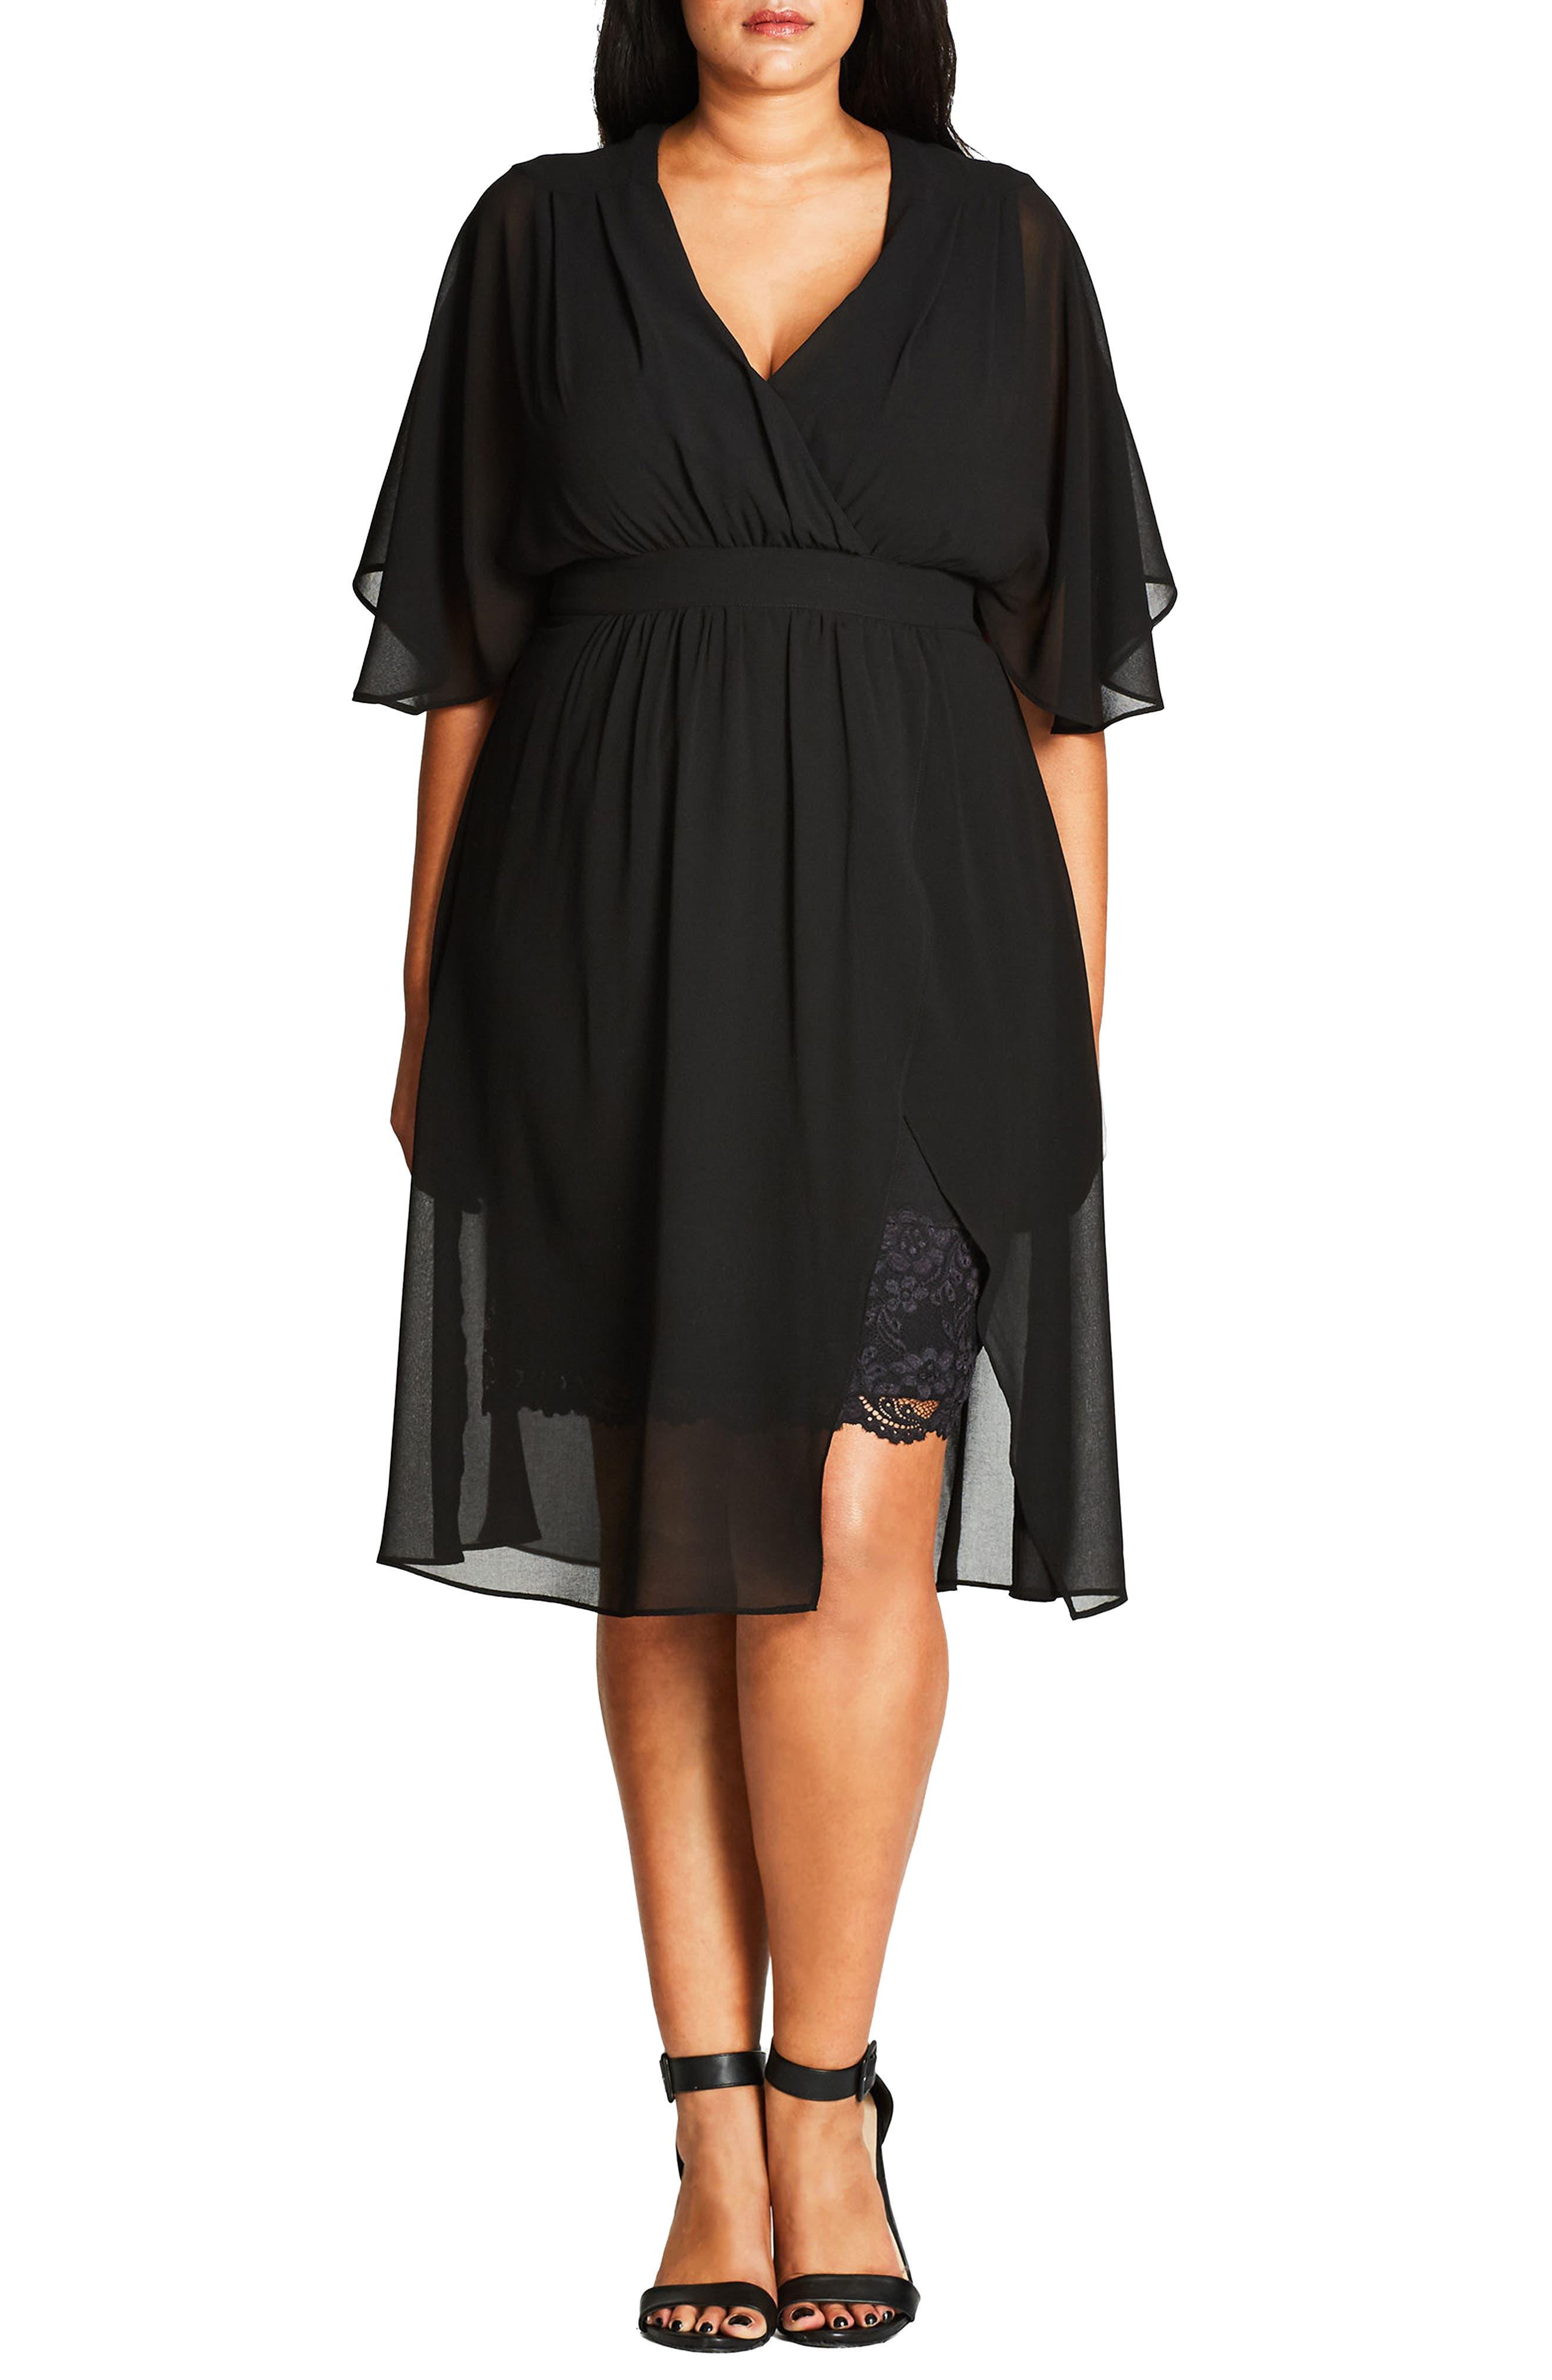 Plus Size City Chic Love Affair Dress